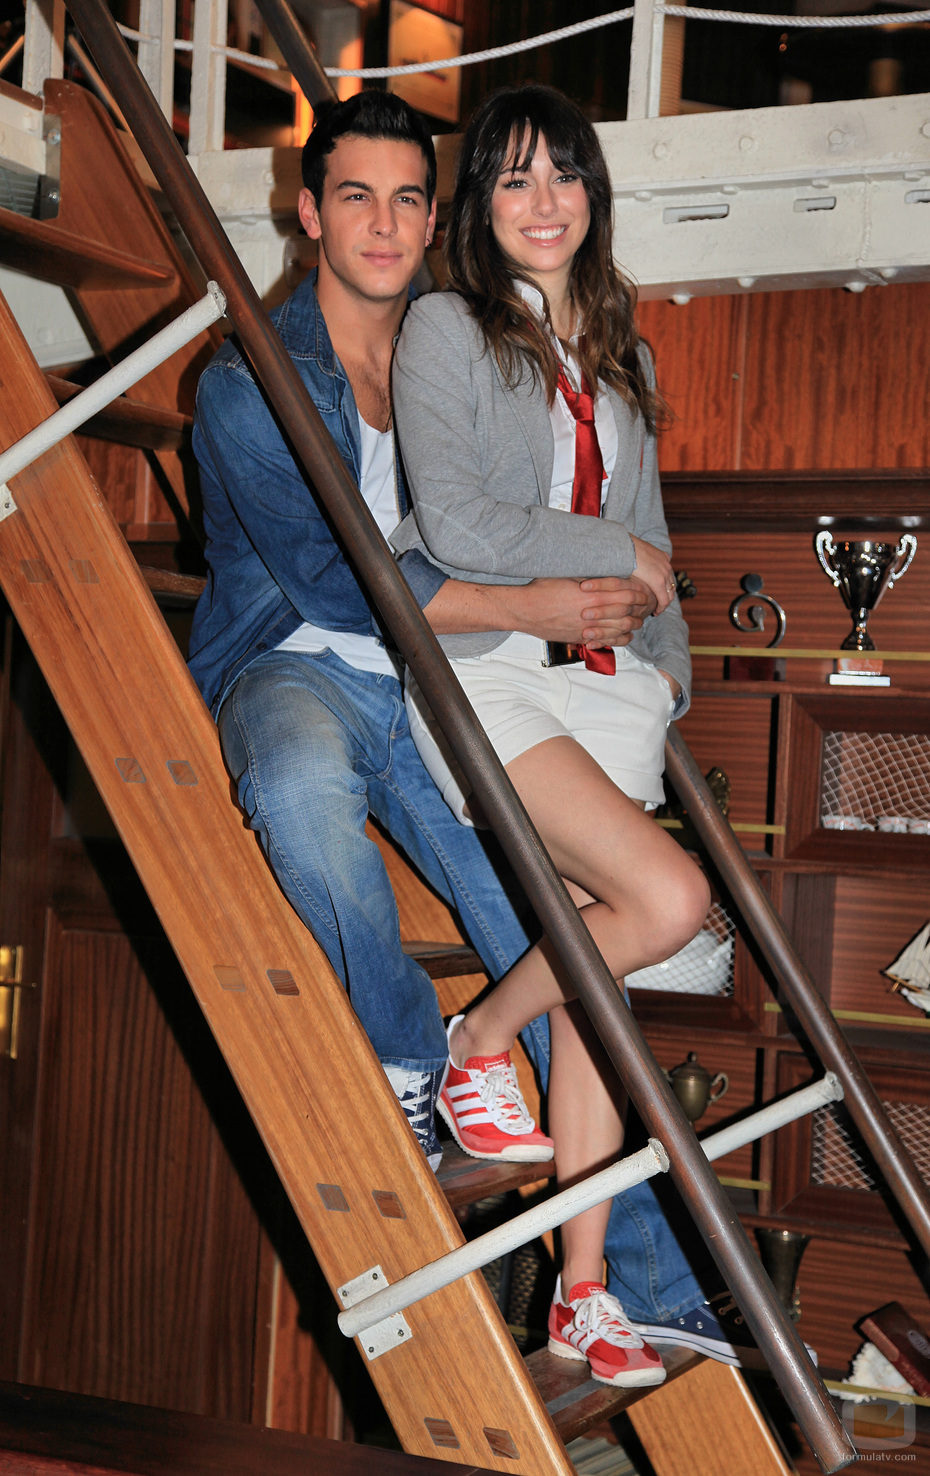 Ulises y Ainhoa en la escalera de 'El barco'